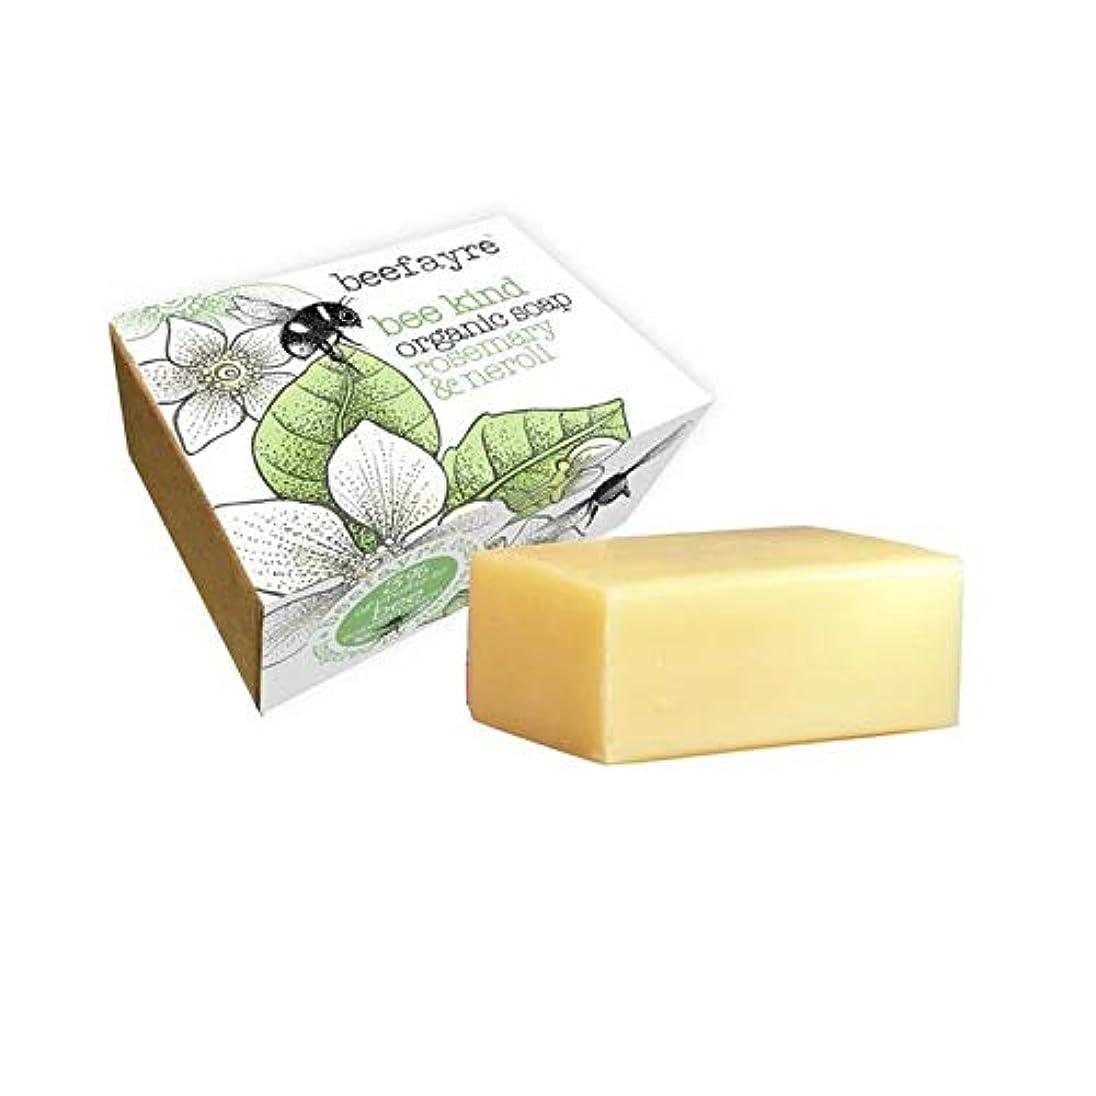 レオナルドダ今立証する[Beefayre] 有機ローズマリー&ネロリソープバー100グラムBeefayre - Beefayre Organic Rosemary & Neroli Soap Bar 100g [並行輸入品]